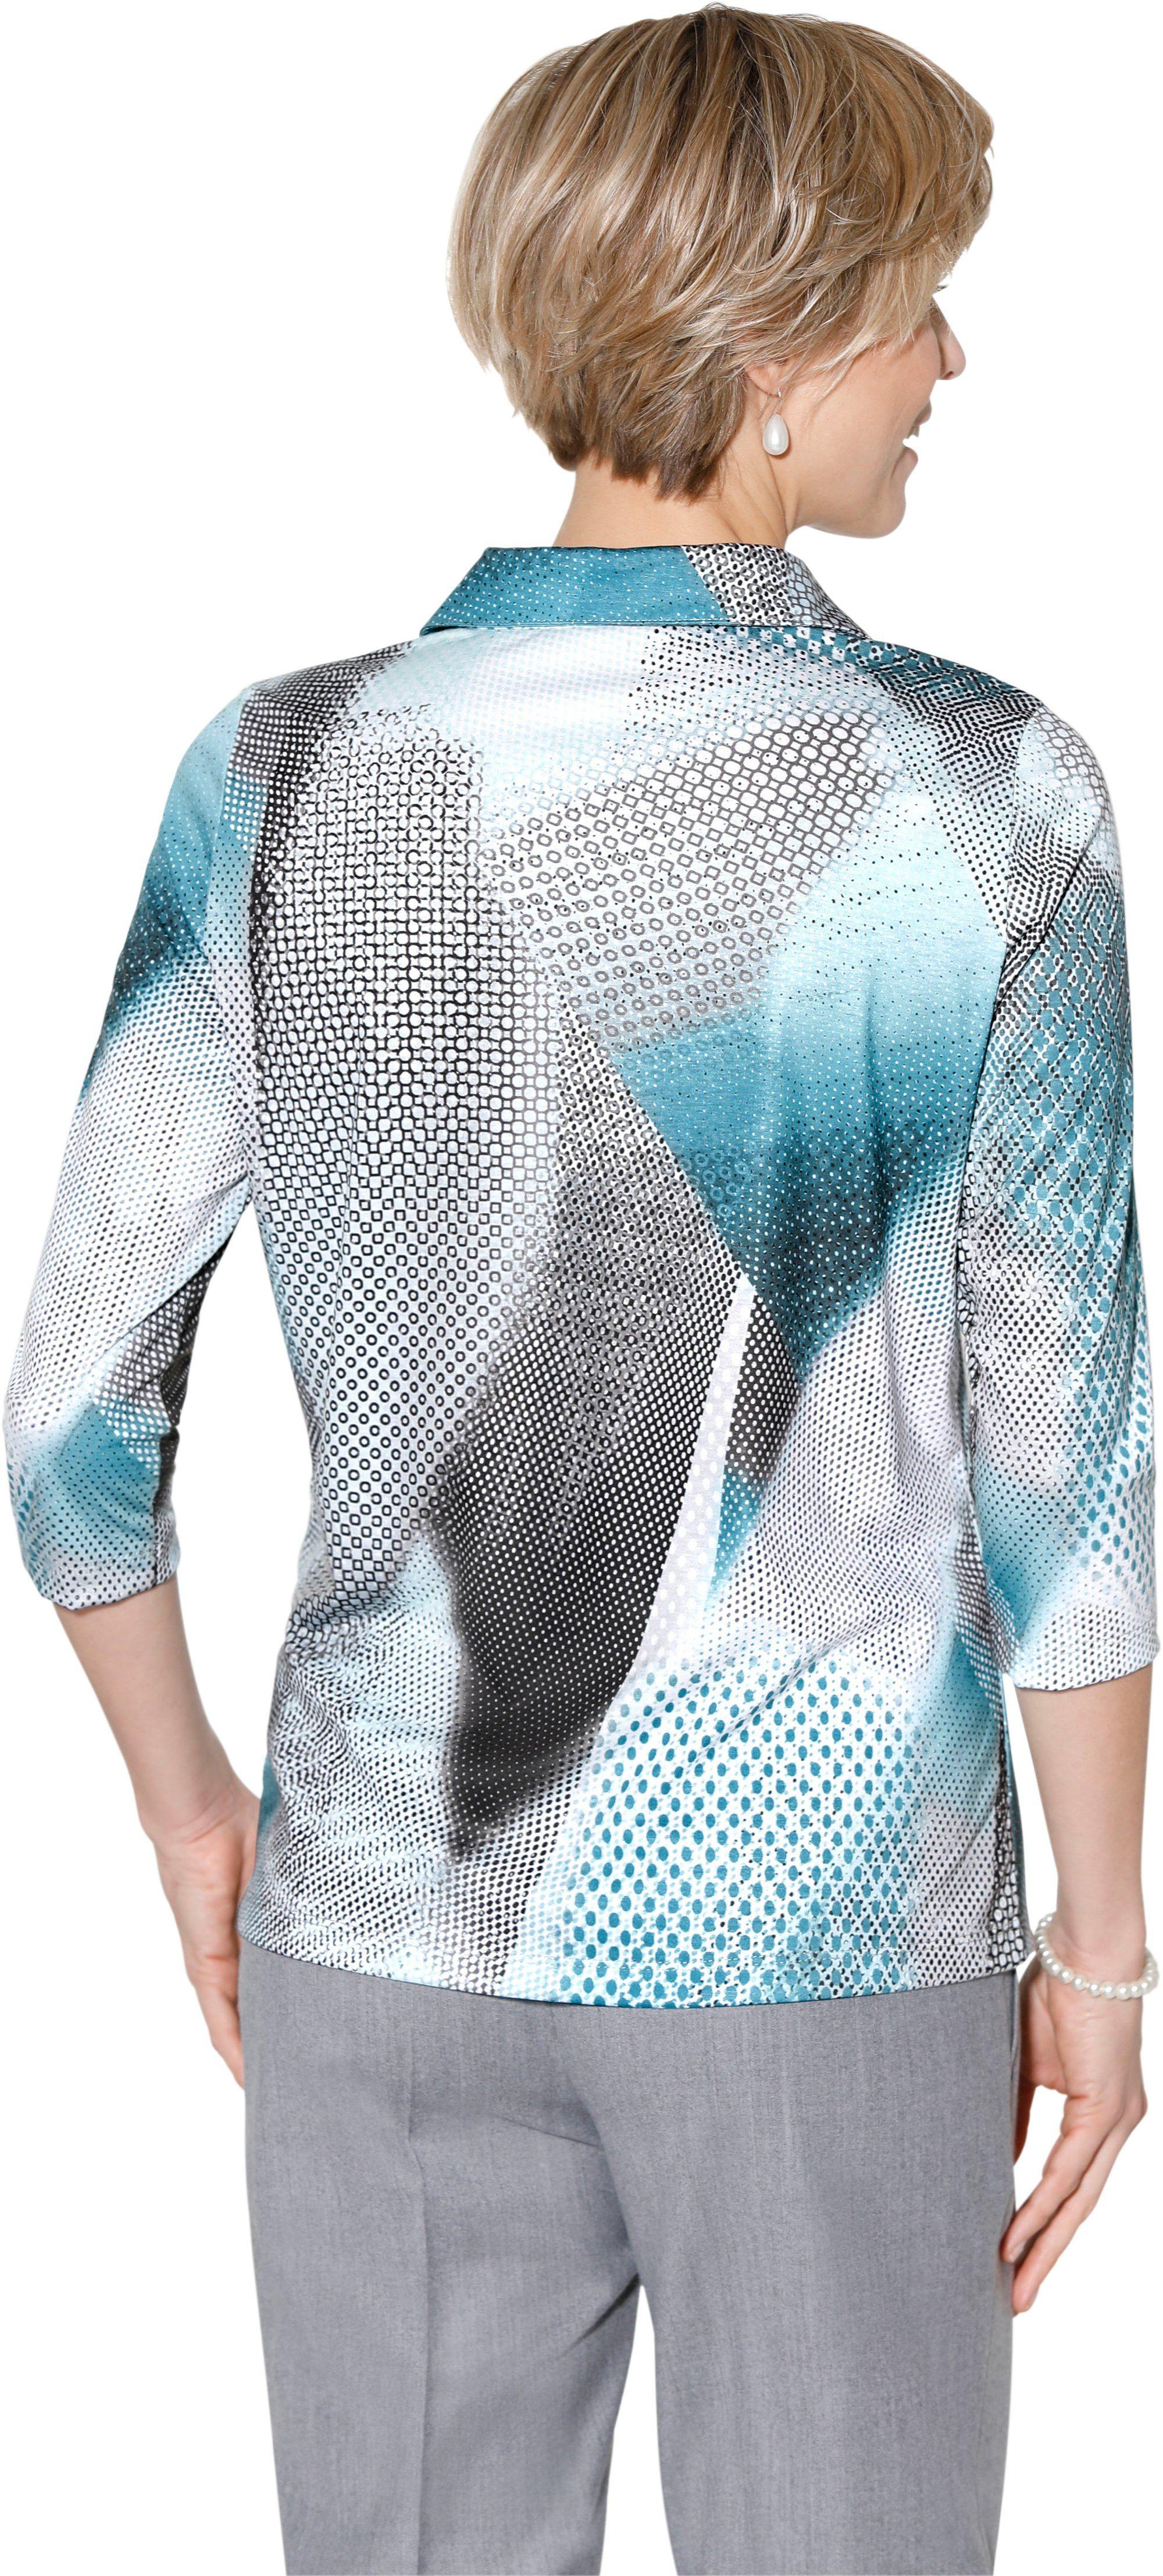 Grafisch Bedrucktem Mit Muster Classic Poloshirt BWCoexrd